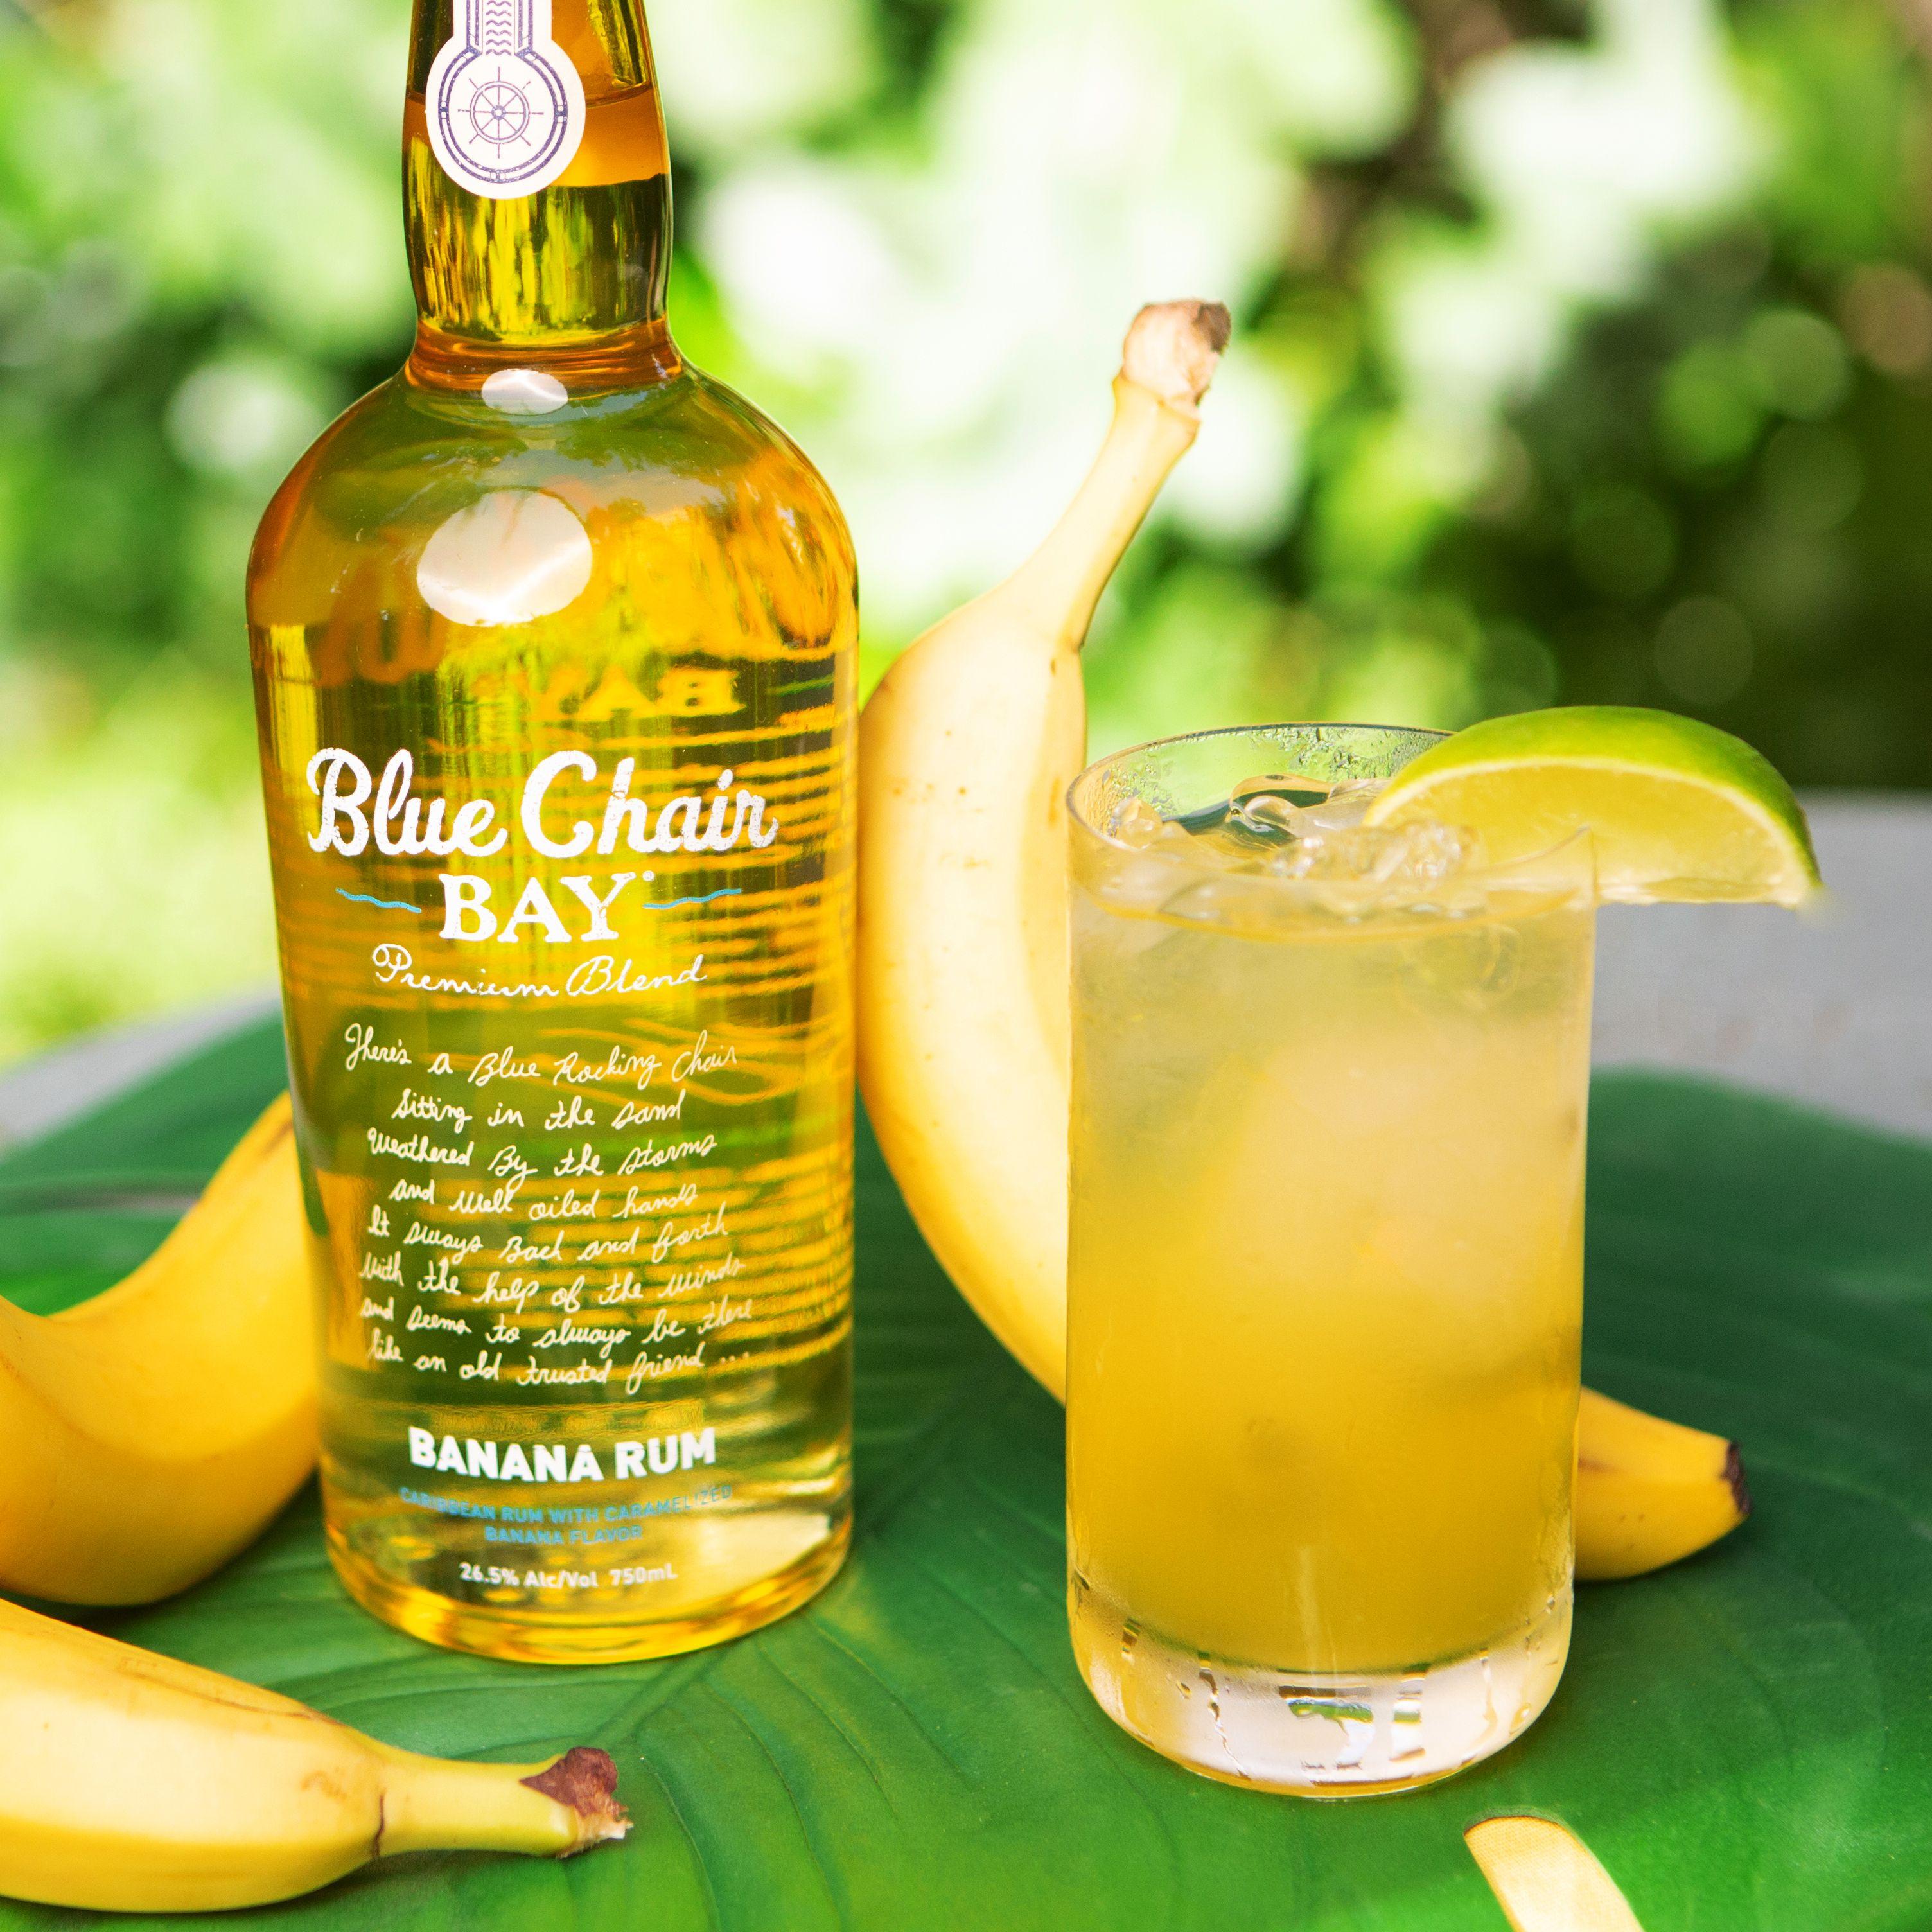 High Tide Recipe in 2020 Banana rum drinks, Lemonlime